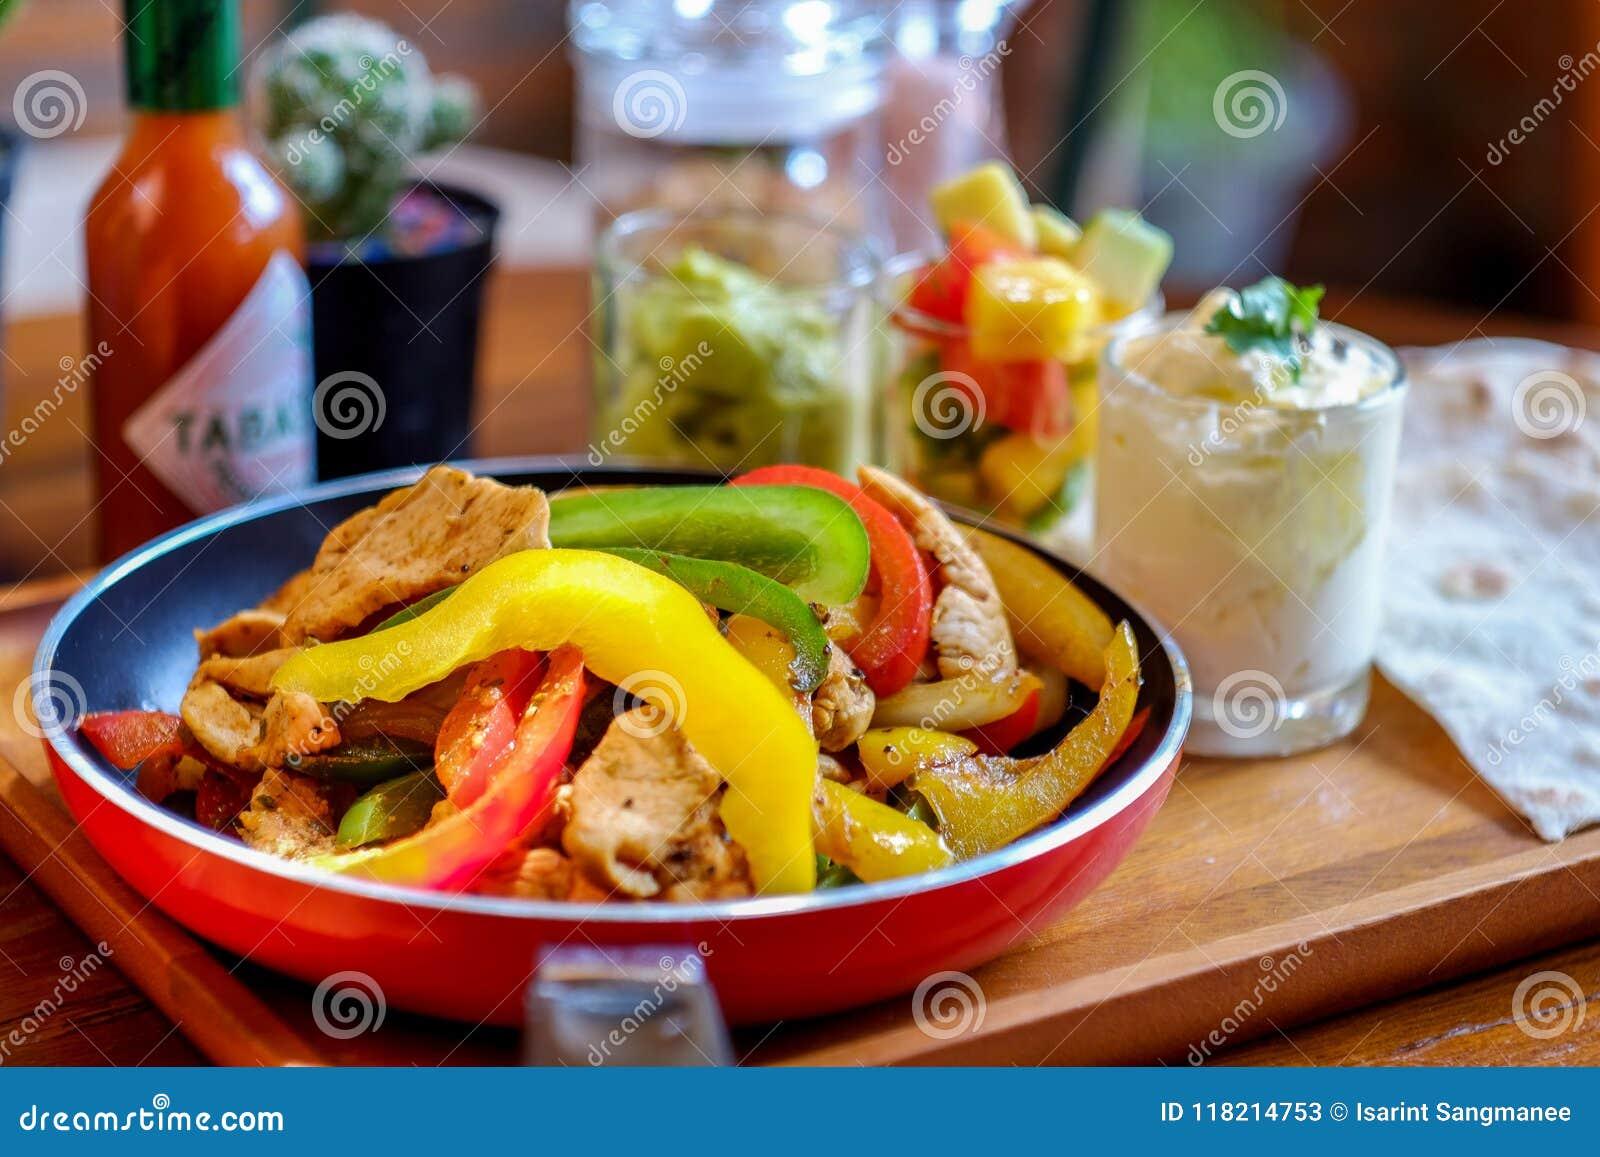 Fajitas mexicains de poulet